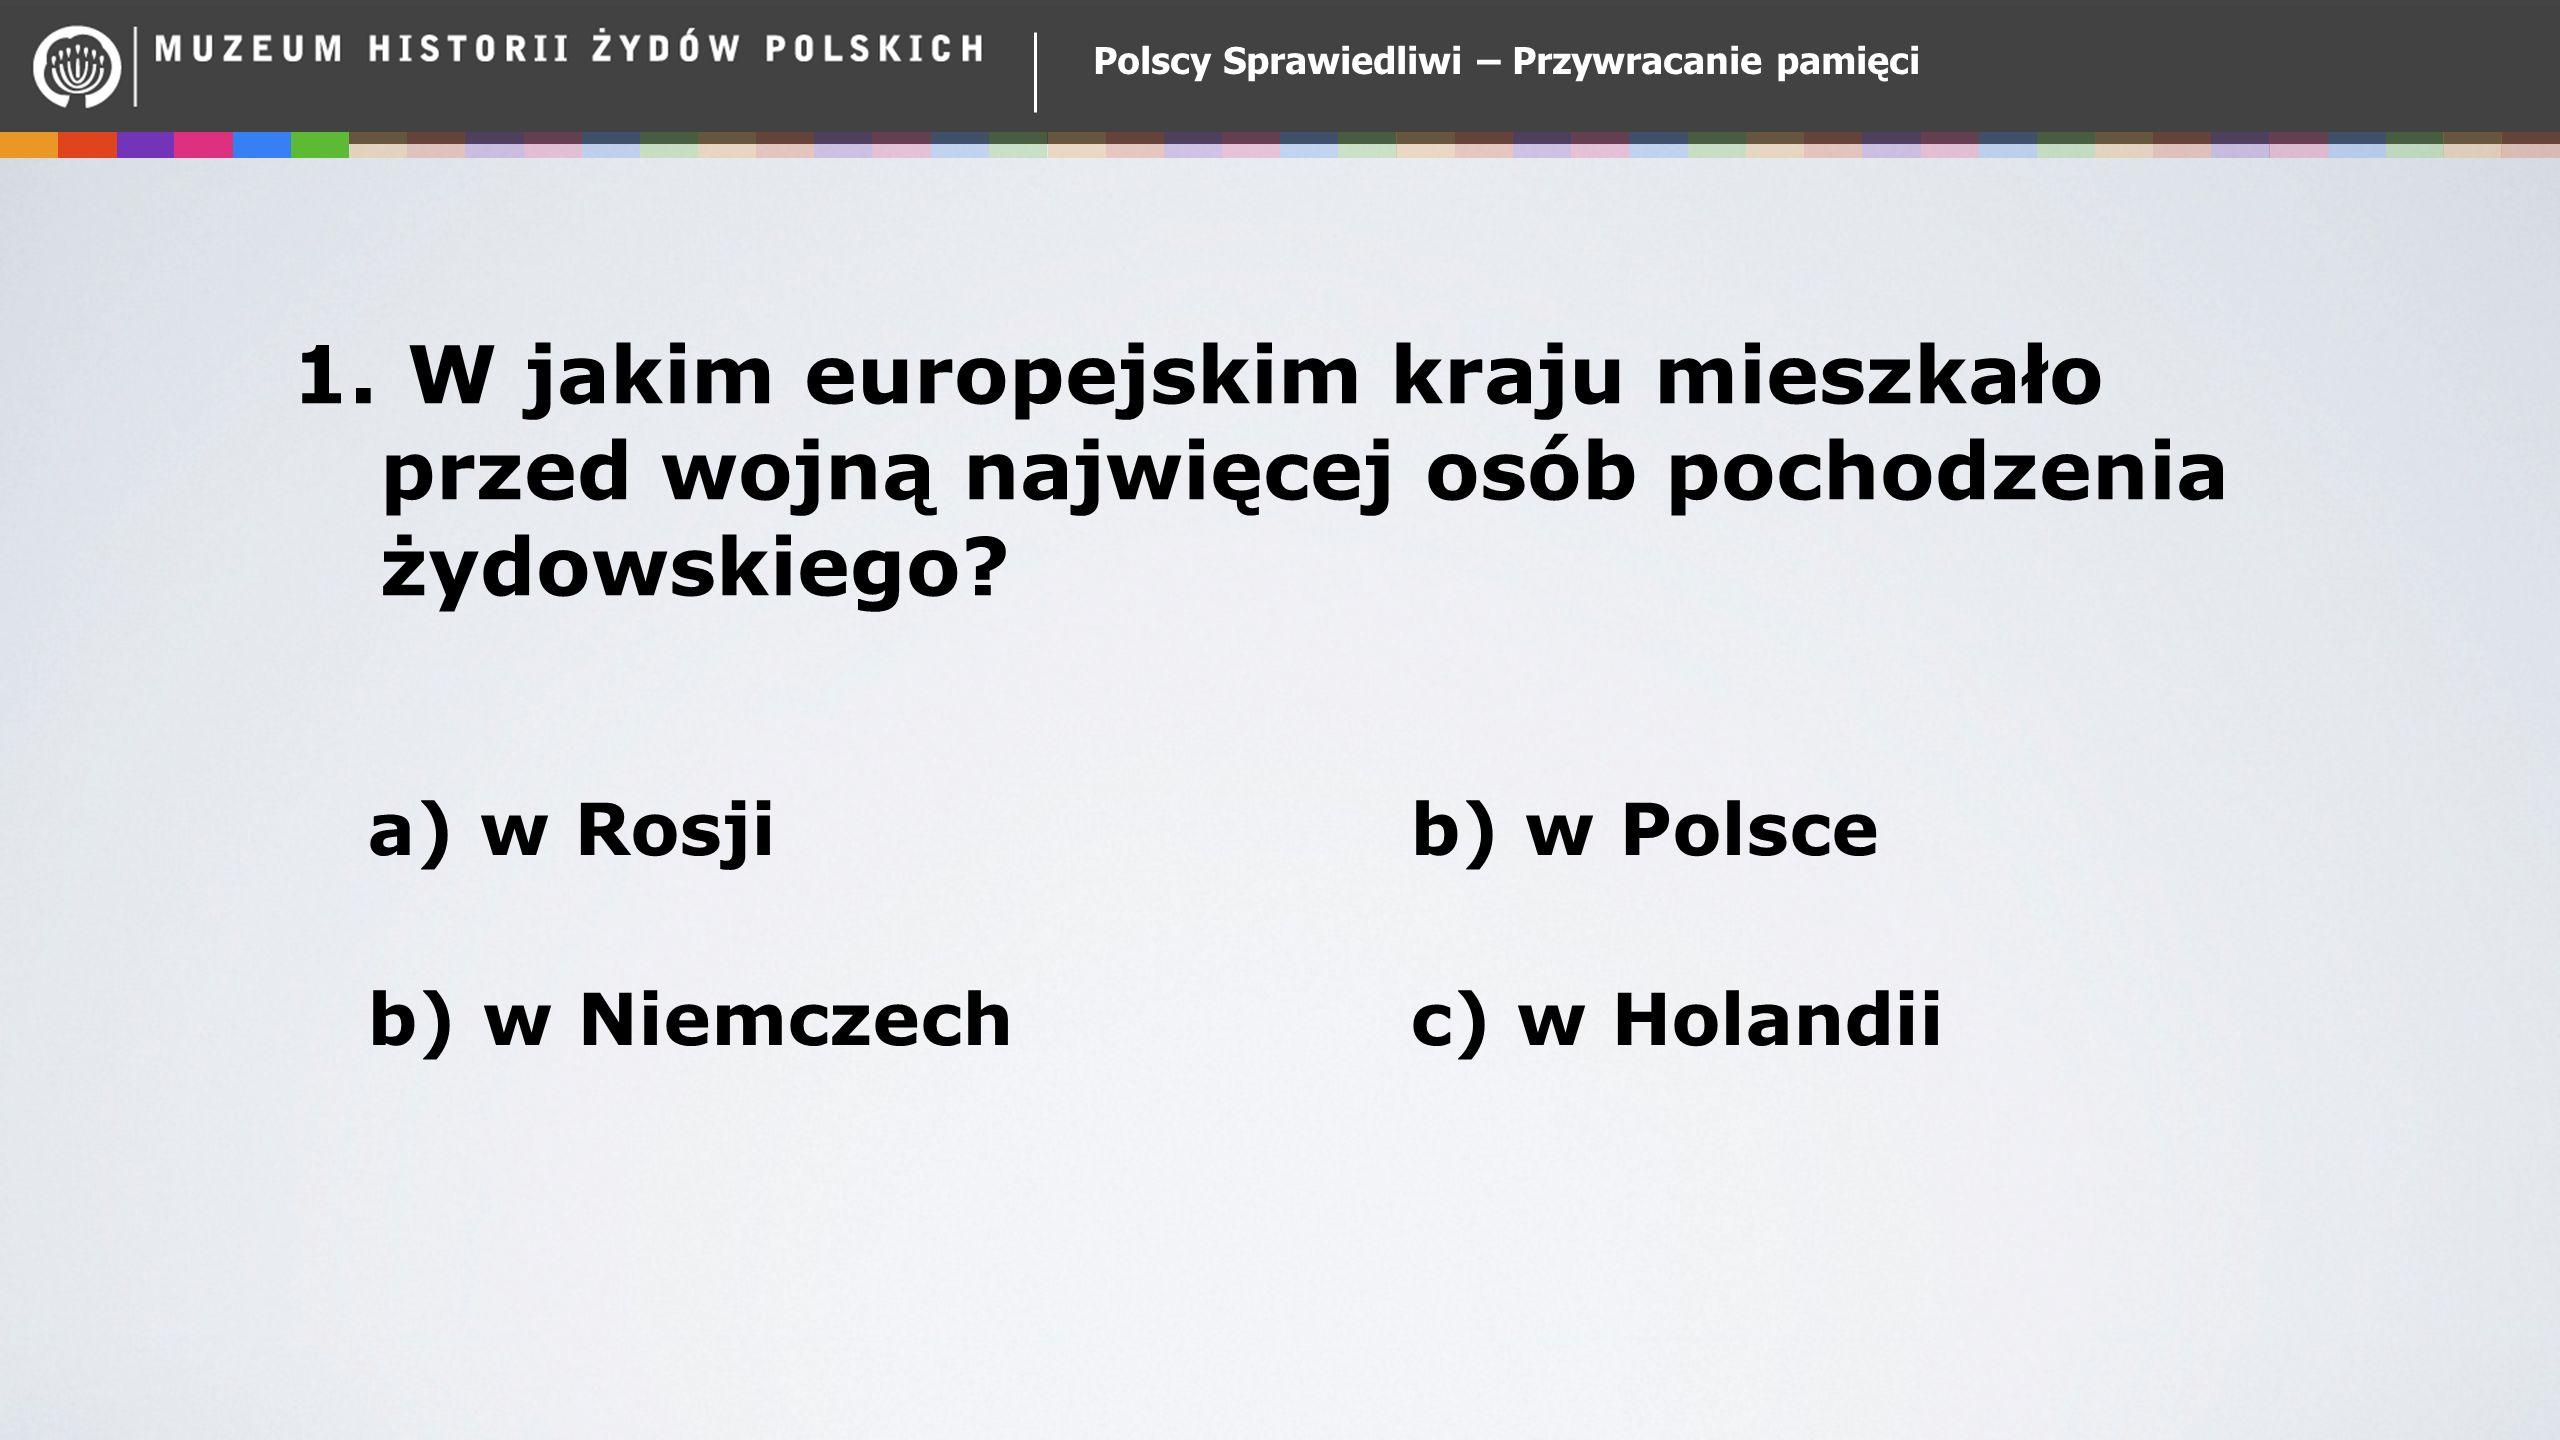 Polscy Sprawiedliwi – Przywracanie pamięci Statystyki Według danych z 2010 roku medal otrzymało ogółem: 23 226 osób z 44 państw świata.